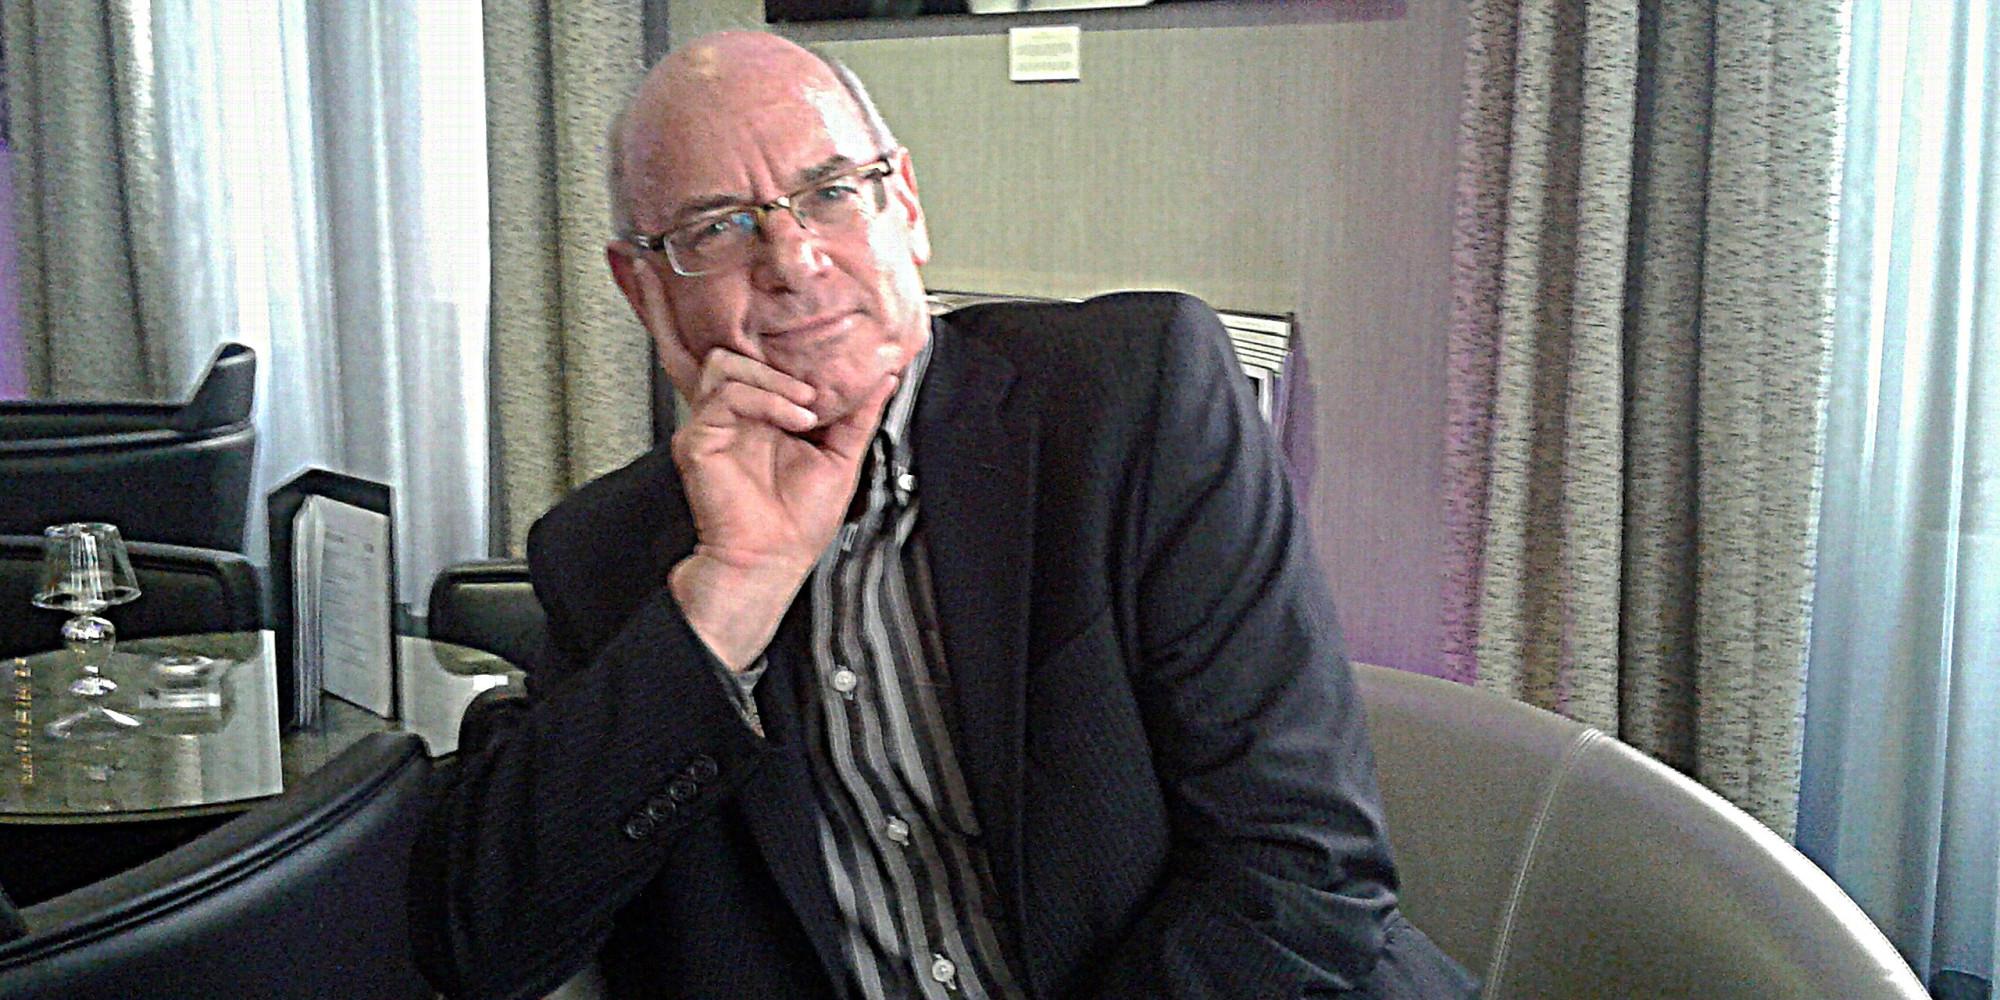 Ahron Bregman Ahron Bregman quotEEUU es un obstculo para la paz en Palestinaquot